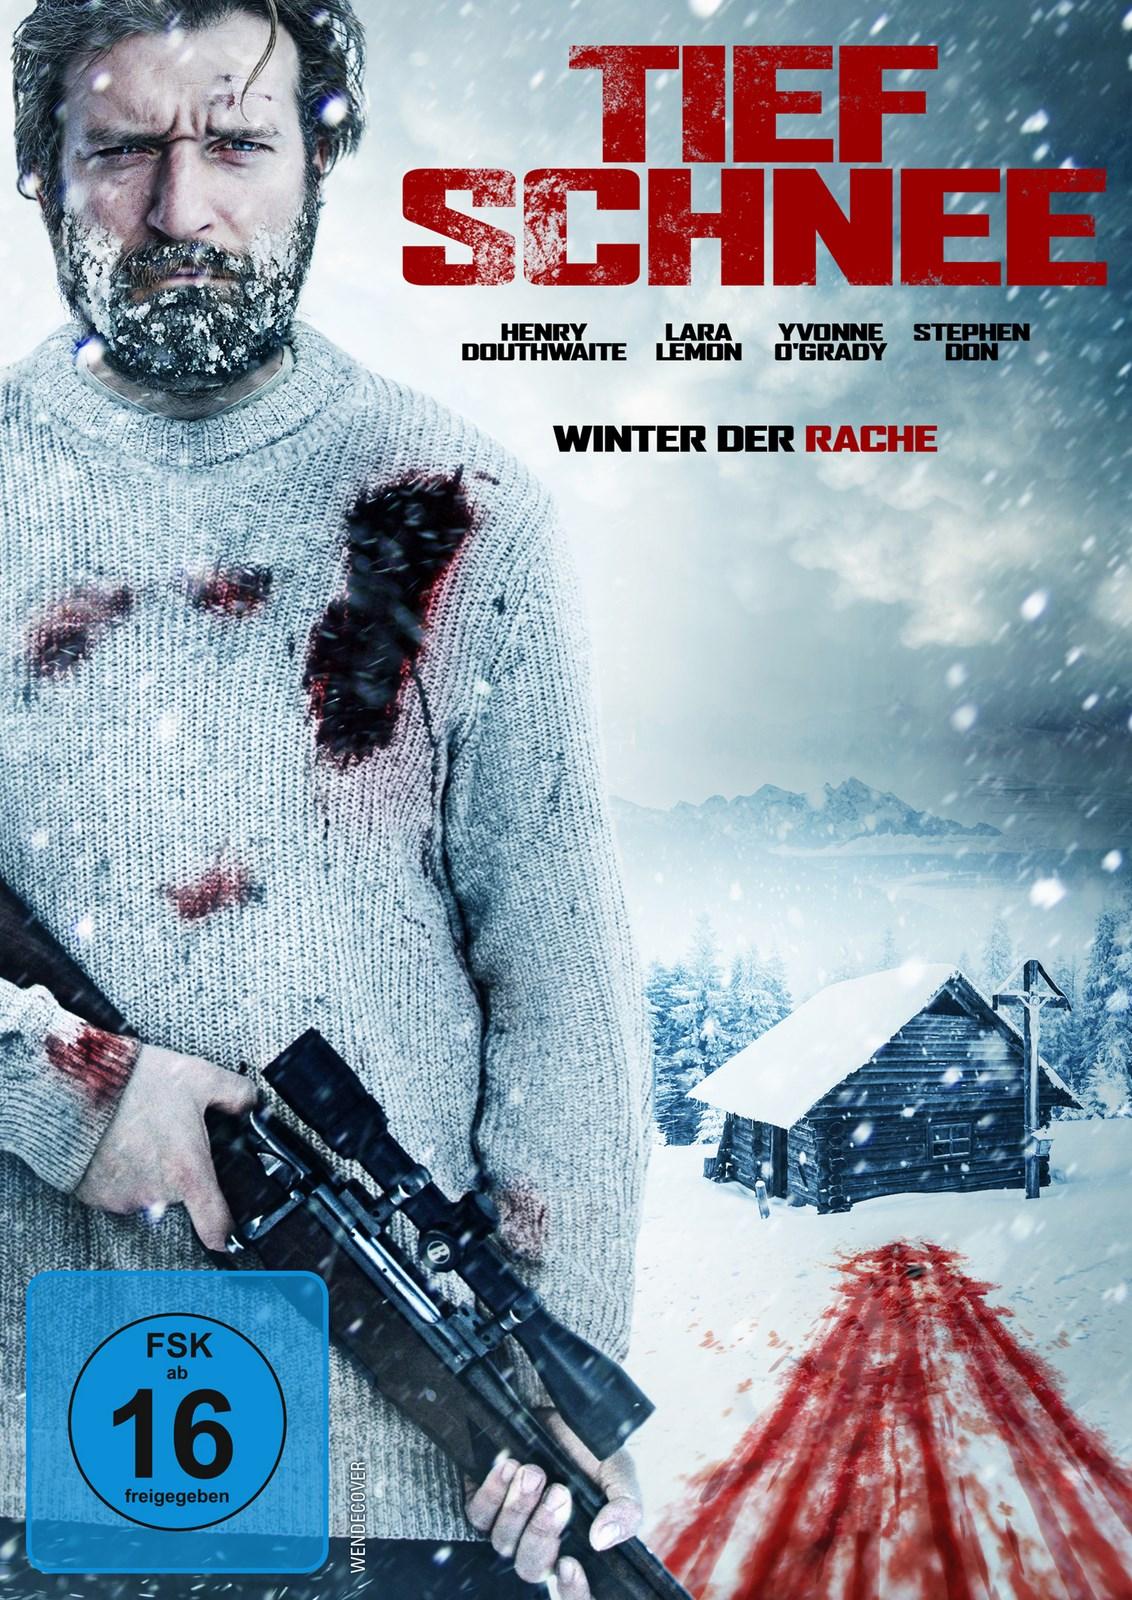 Tiefschnee Film